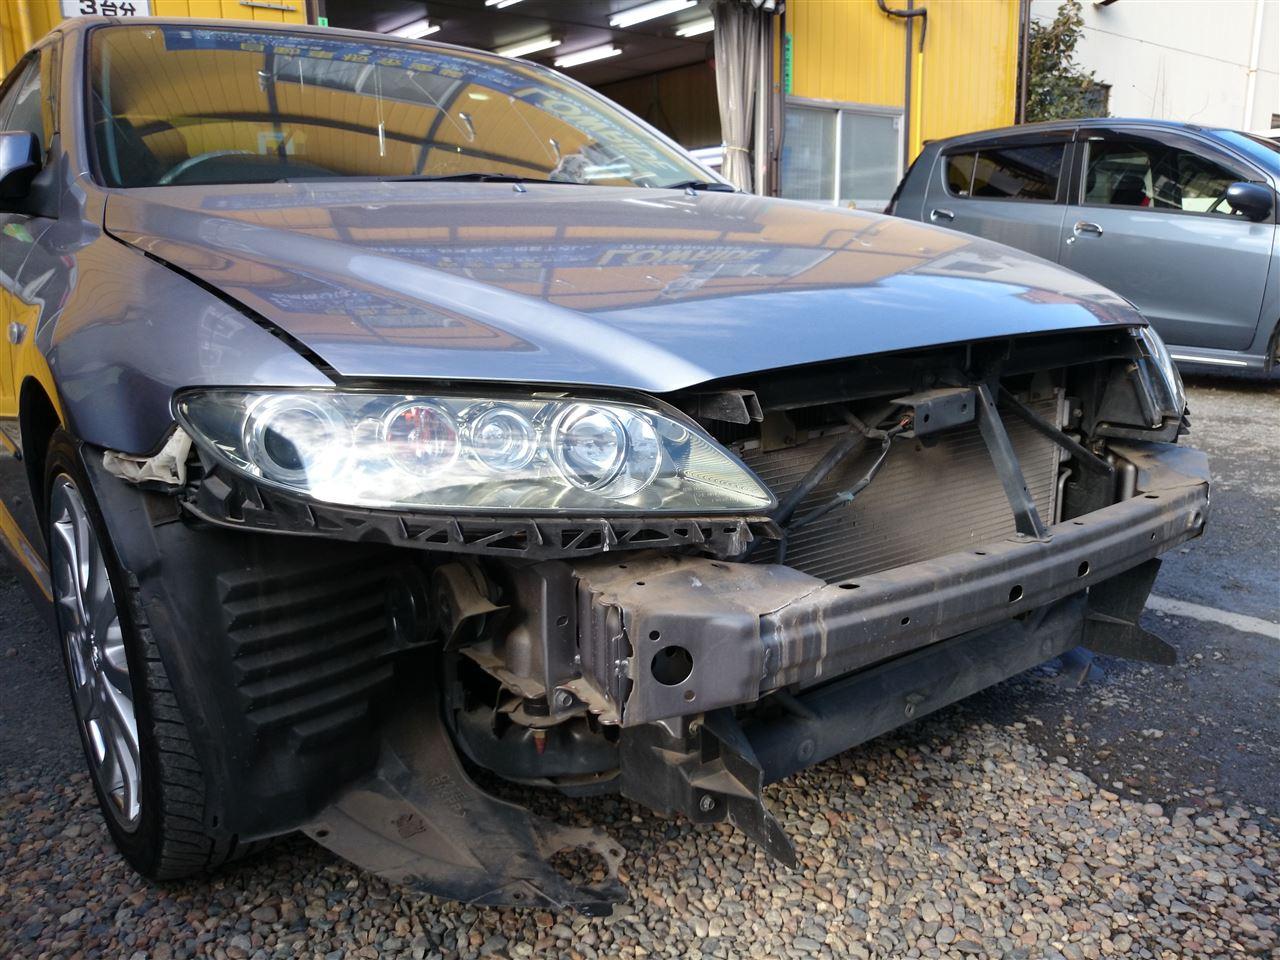 東京都立川市の車の板金塗装修理工場 ガレージローライドのスバル レガシィの前まわりのキズ へこみ の板金 修理 塗装 です。